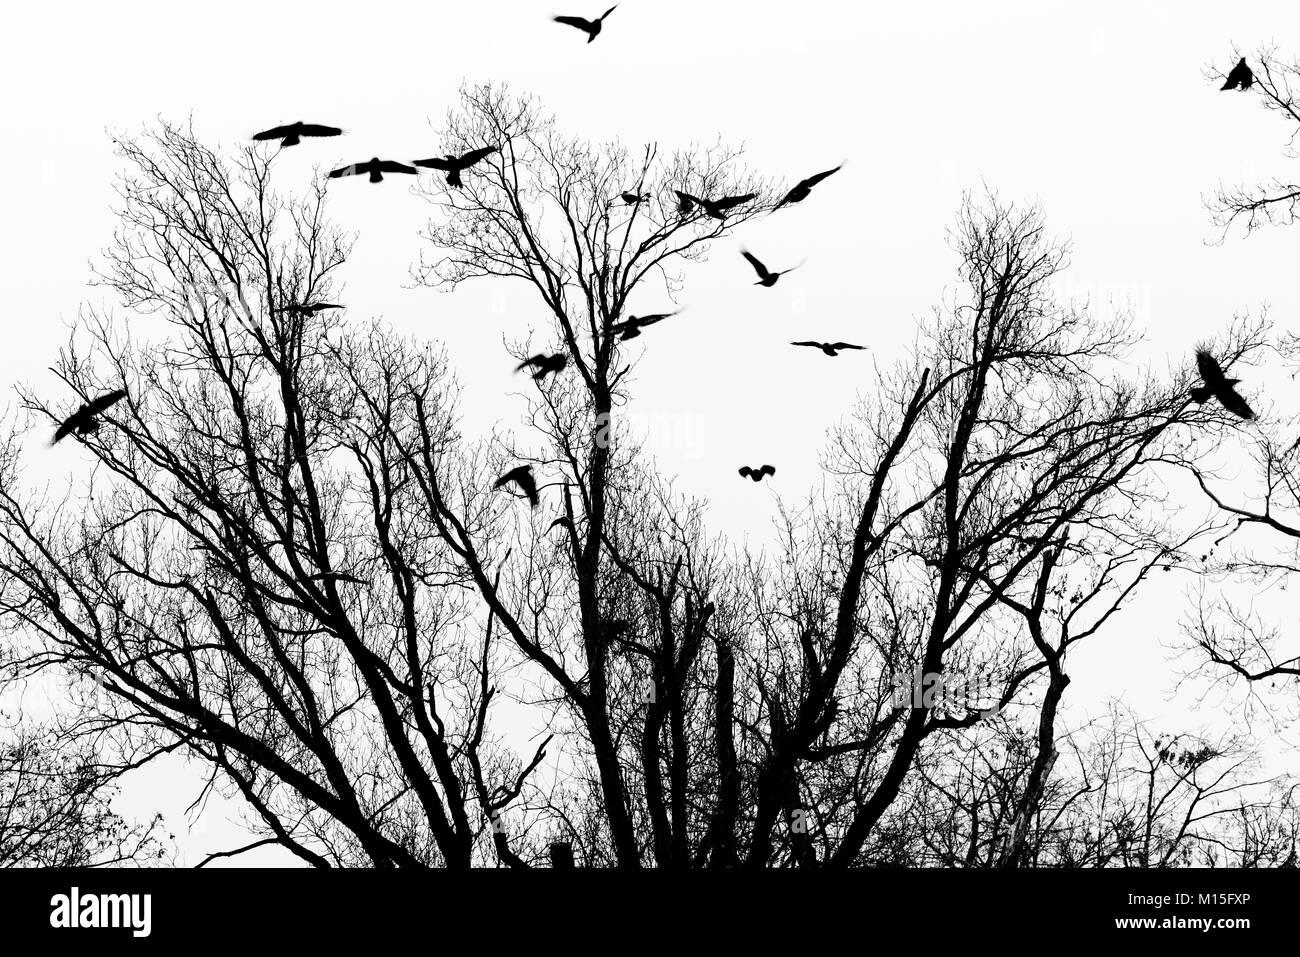 Pájaros tomando vuelo desde las ramas de un árbol Foto de stock